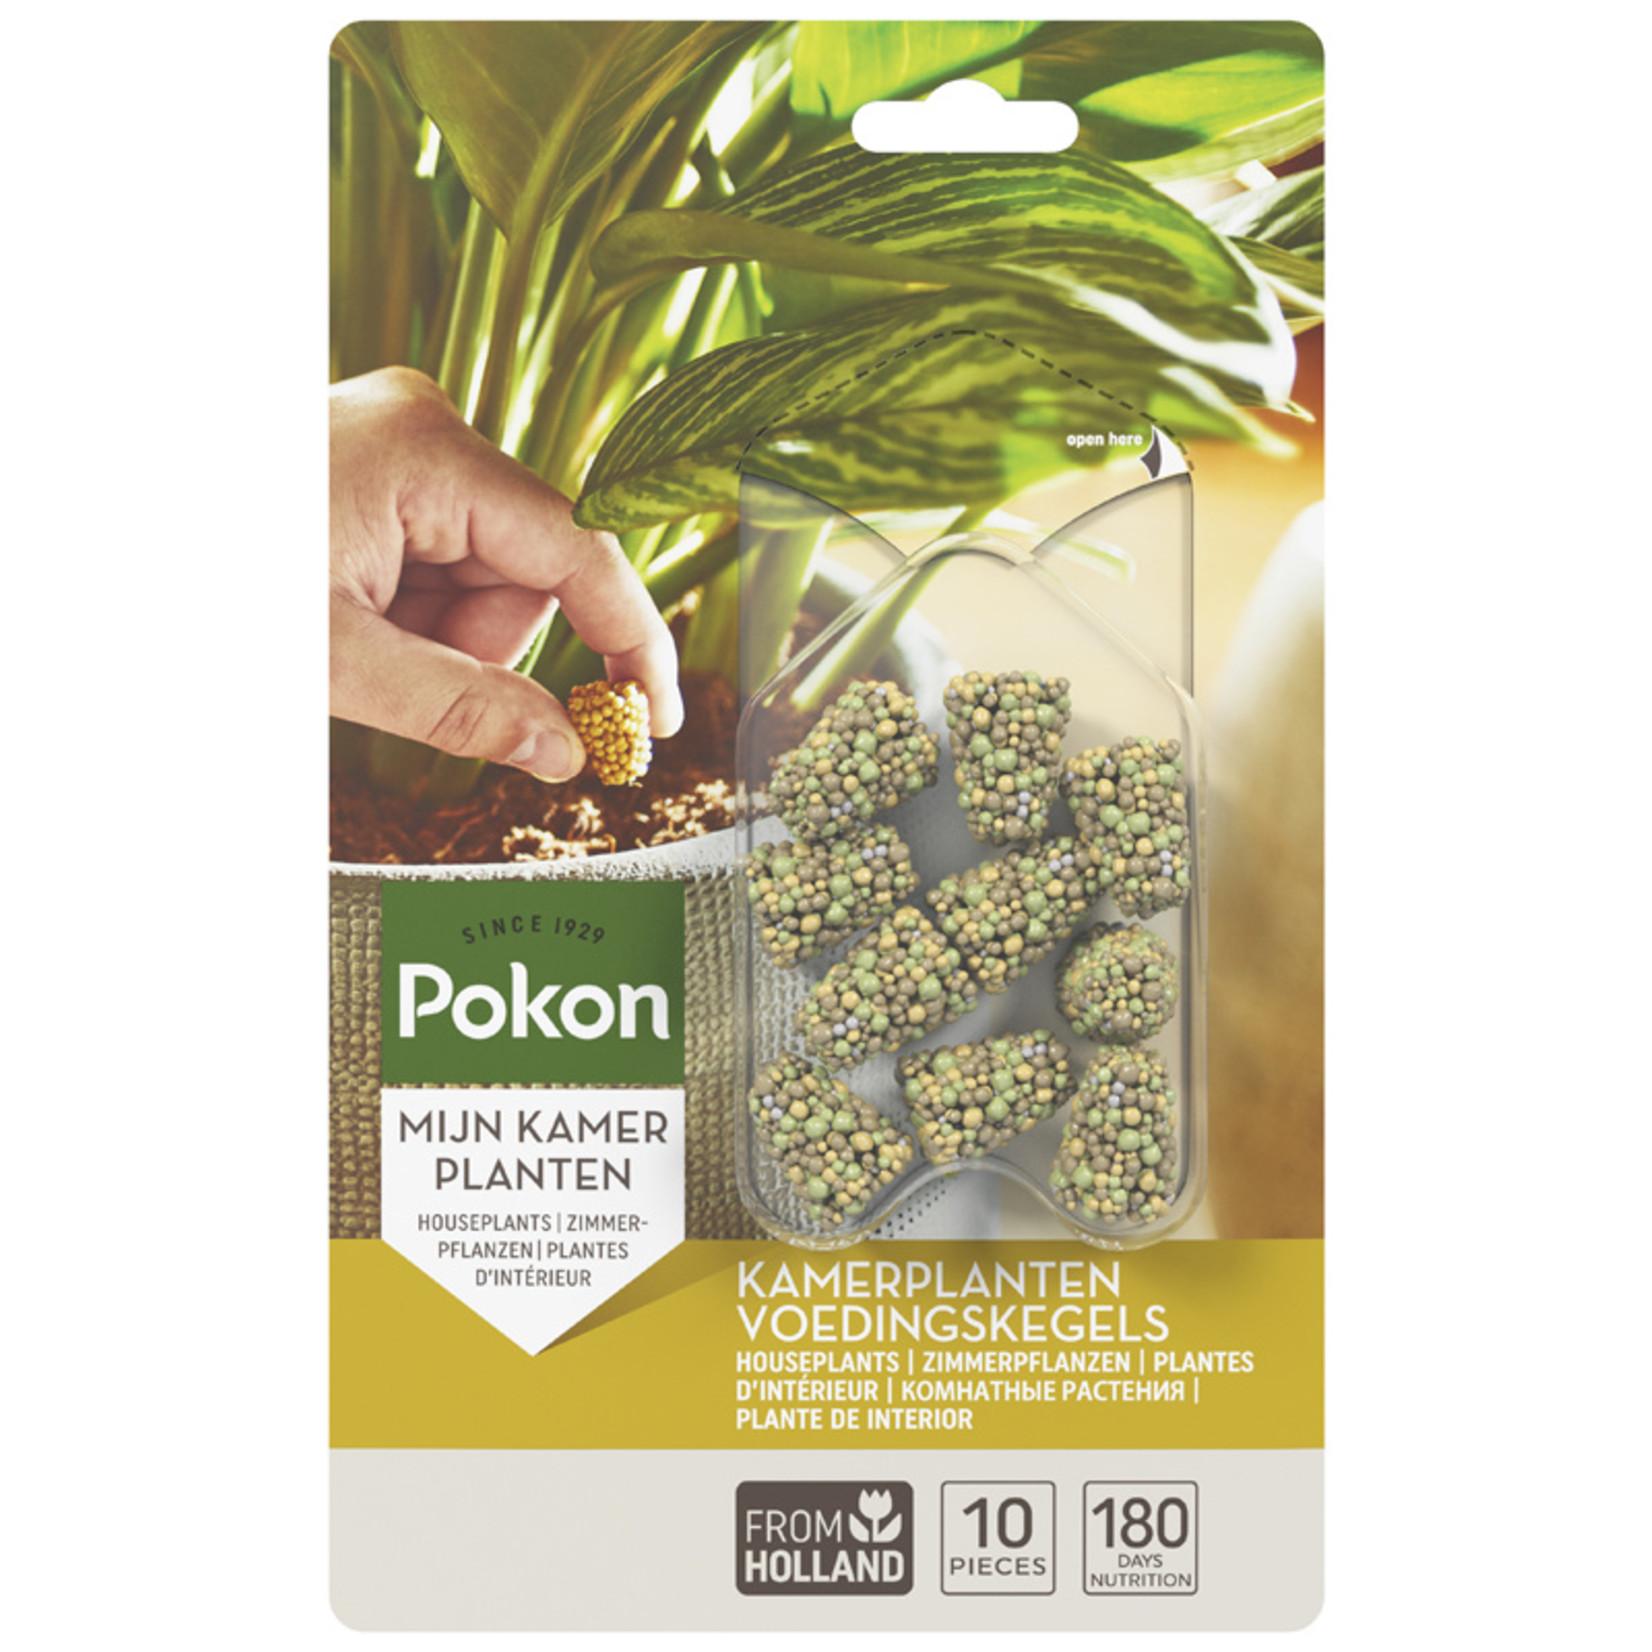 Pokon POKON Portie kamerplanten tabletten 10 st